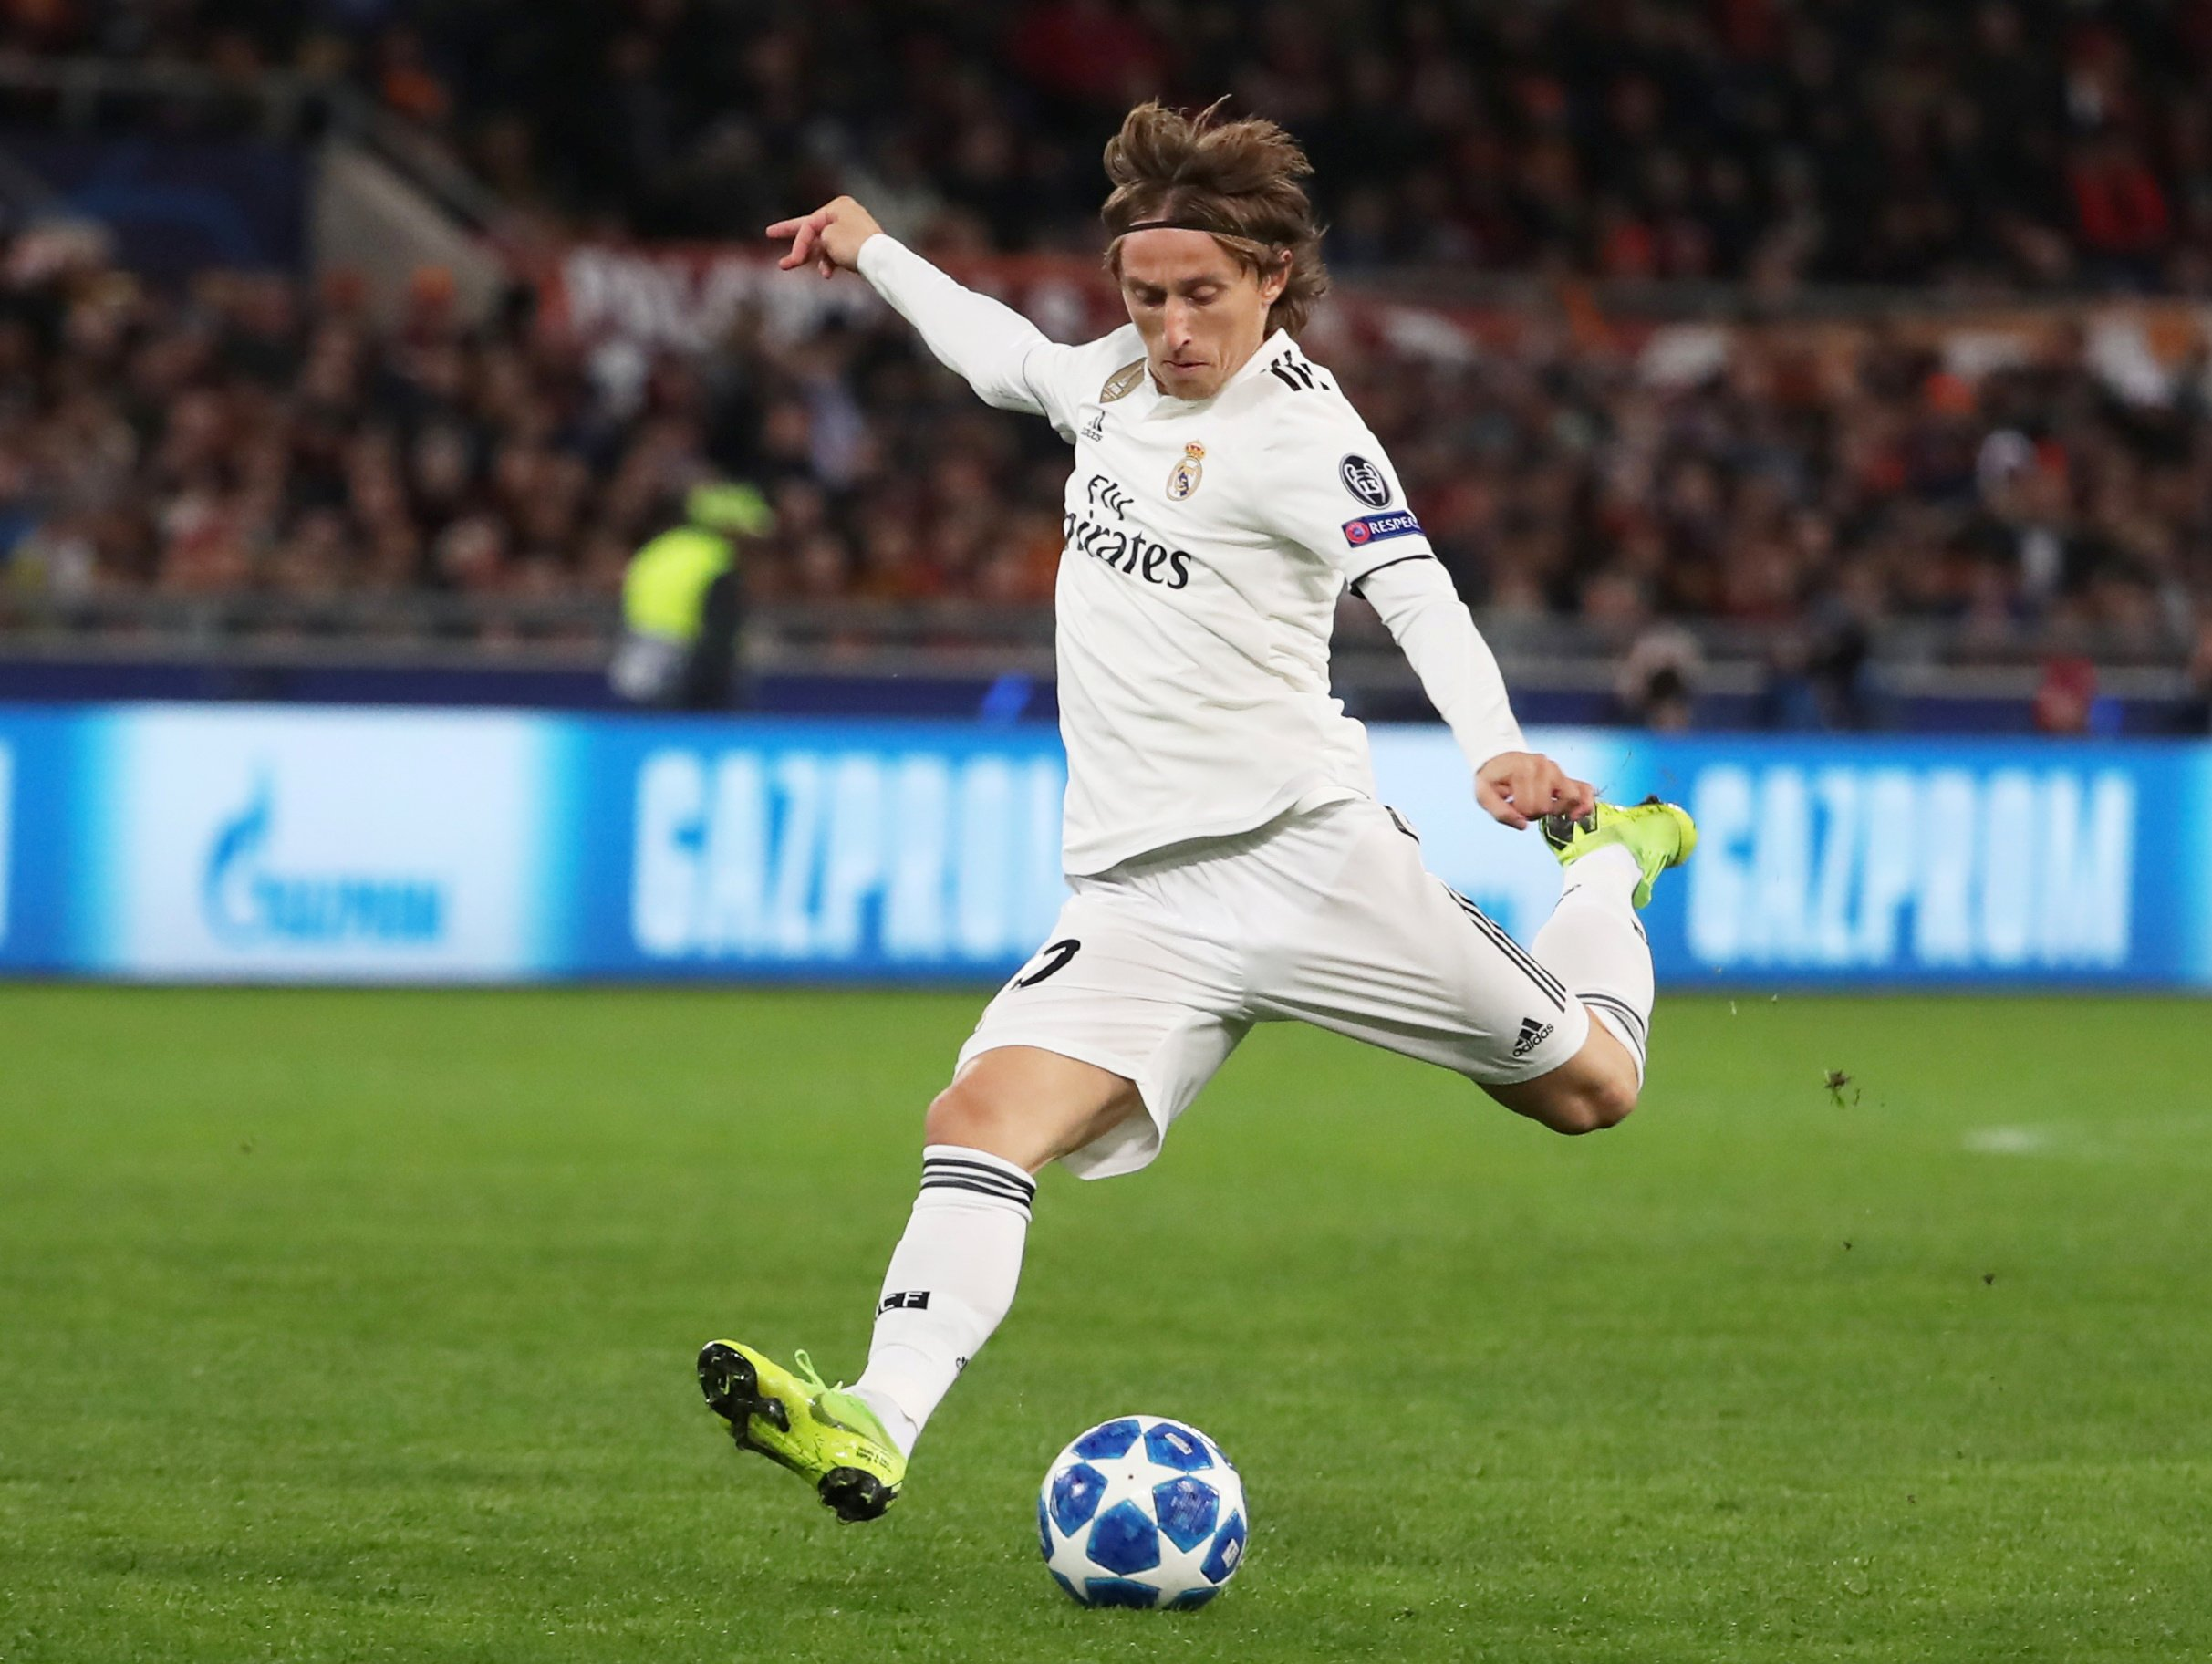 Liga: Luka Modric, un buteur si discret [Vidéo]